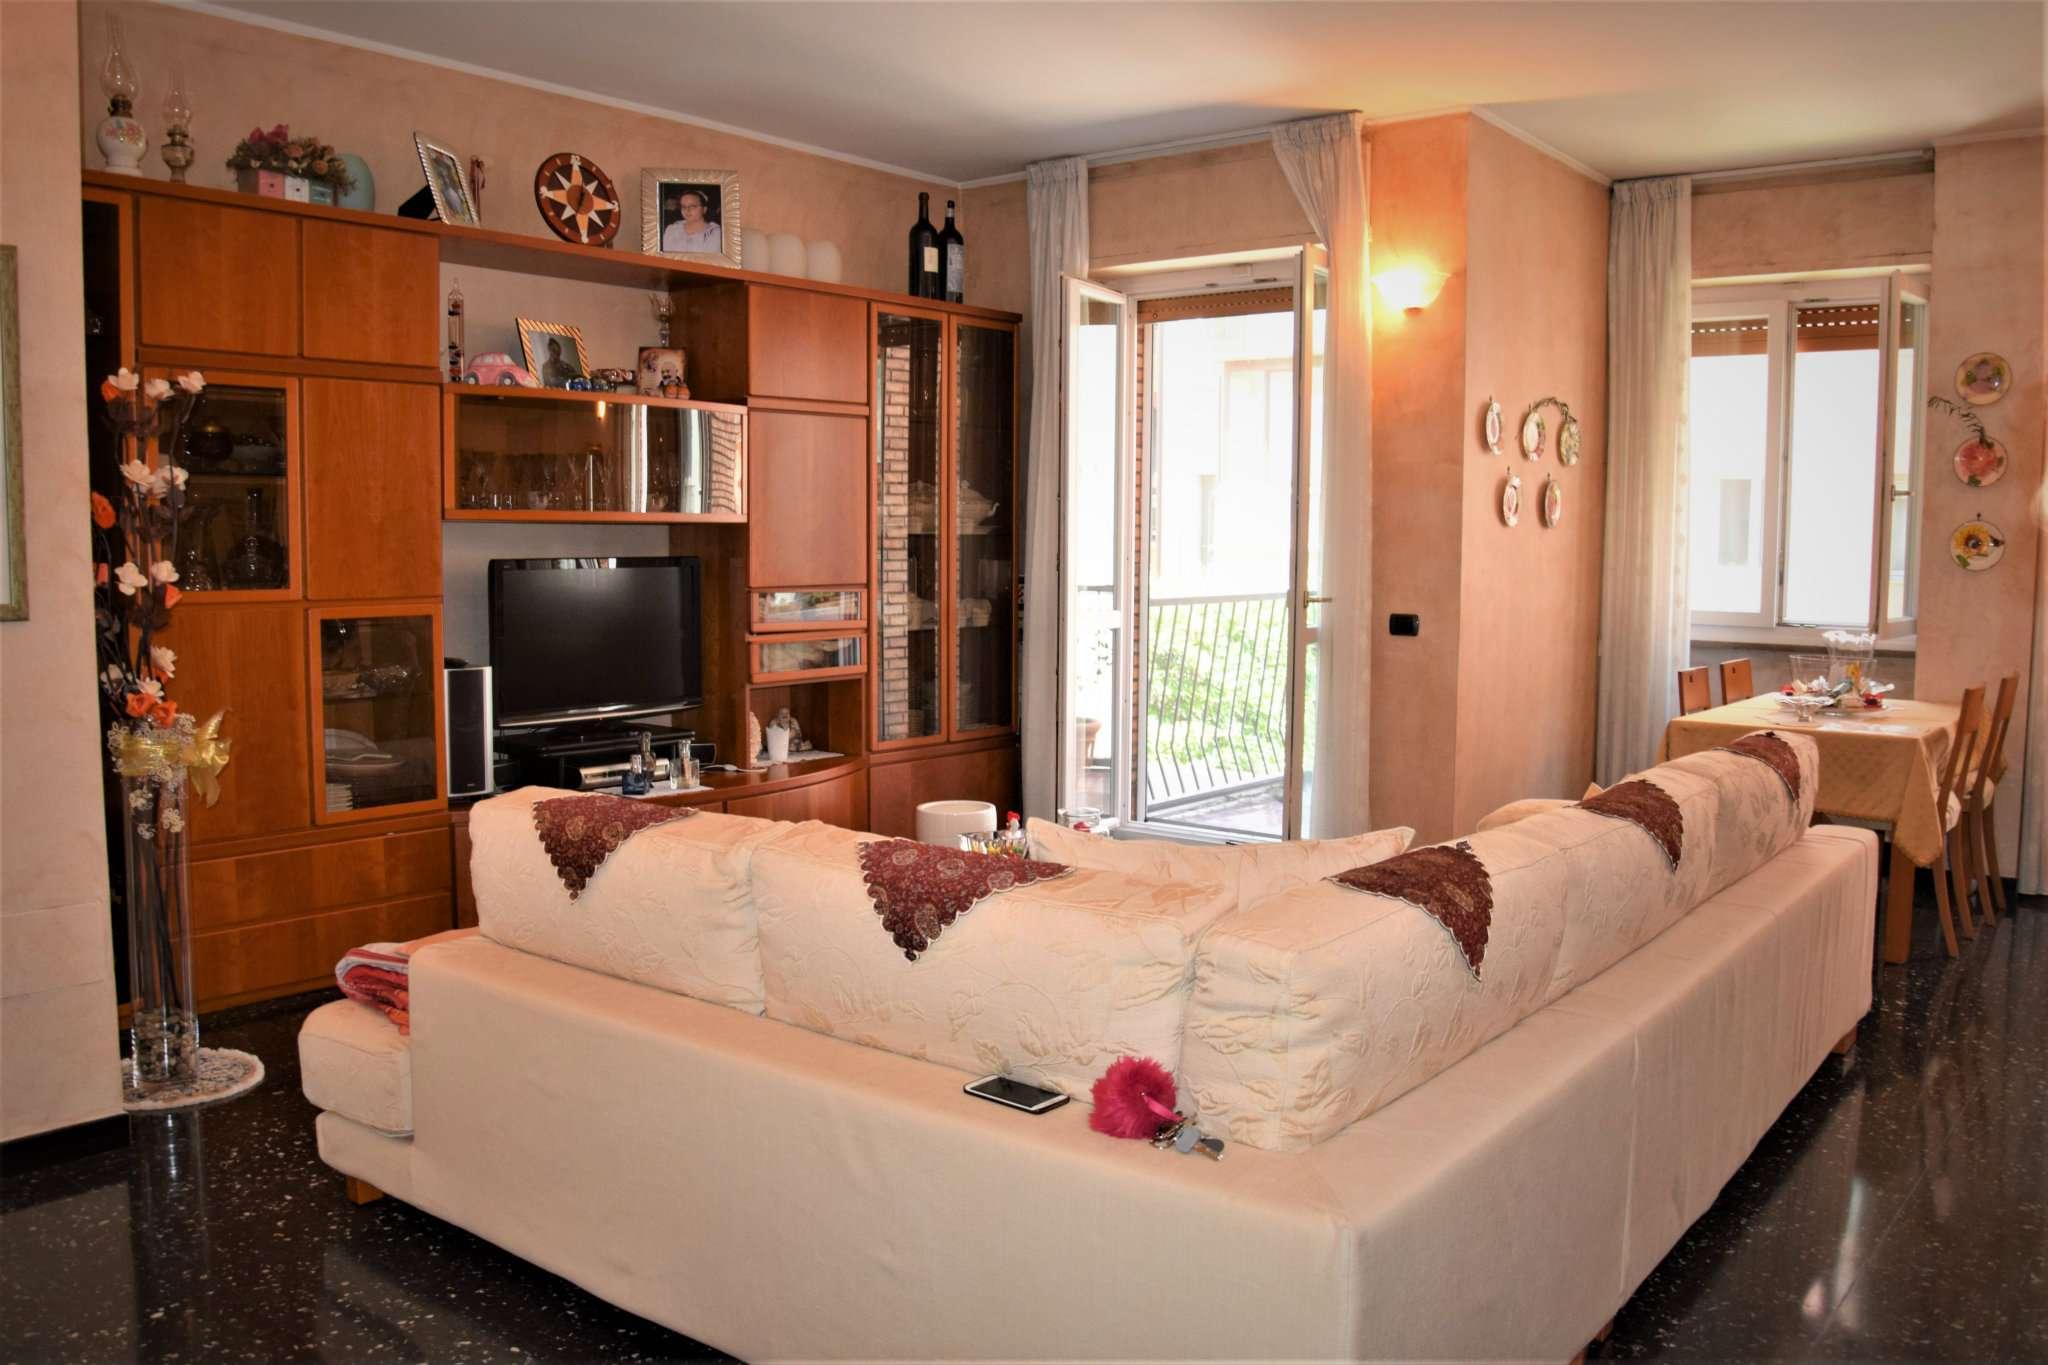 Appartamento in vendita a Milano, 4 locali, zona Zona: 15 . Fiera, Firenze, Sempione, Pagano, Amendola, Paolo Sarpi, Arena, prezzo € 575.000 | Cambio Casa.it